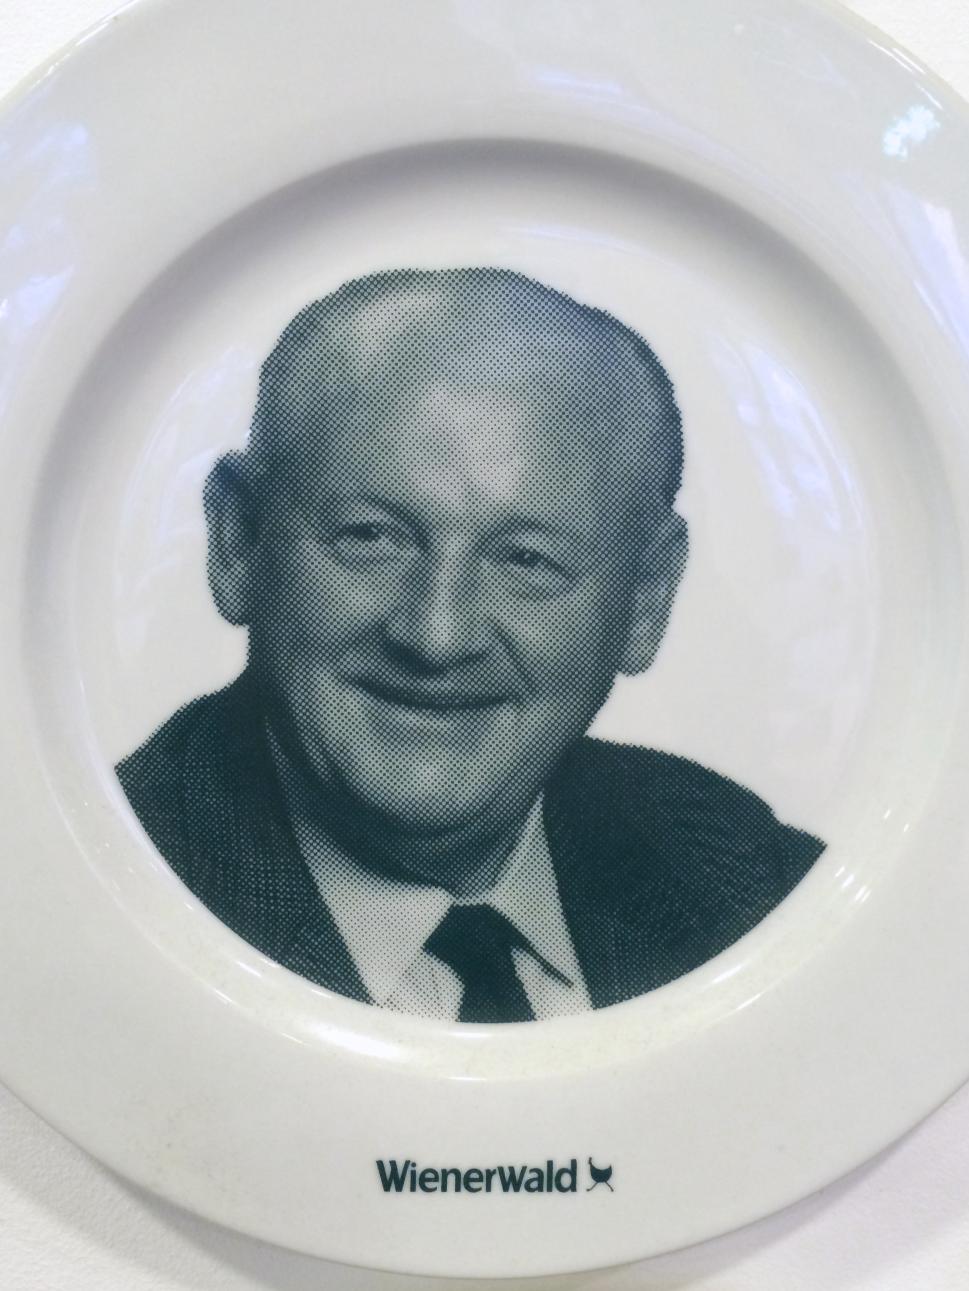 Originalbild: Gerastertes Gesicht von Friedrich Jahn, Gründer von Wienerwald.